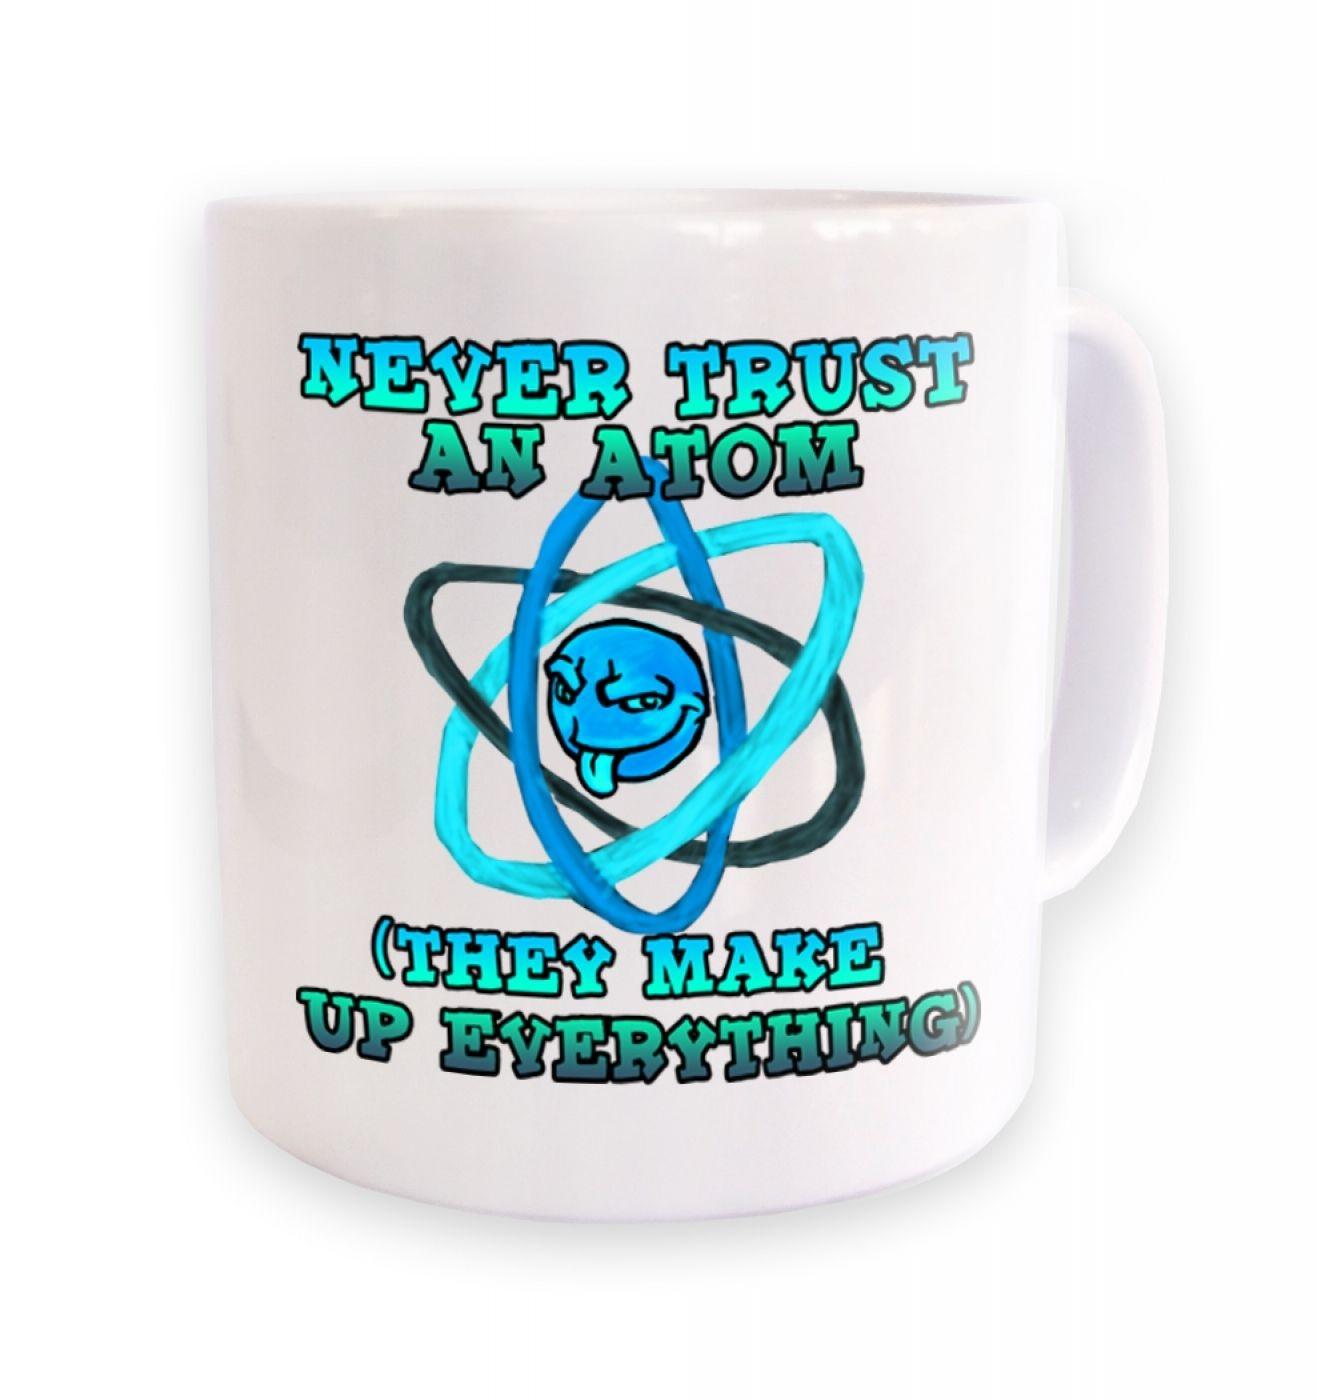 Never Trust An Atom ceramic coffee mug